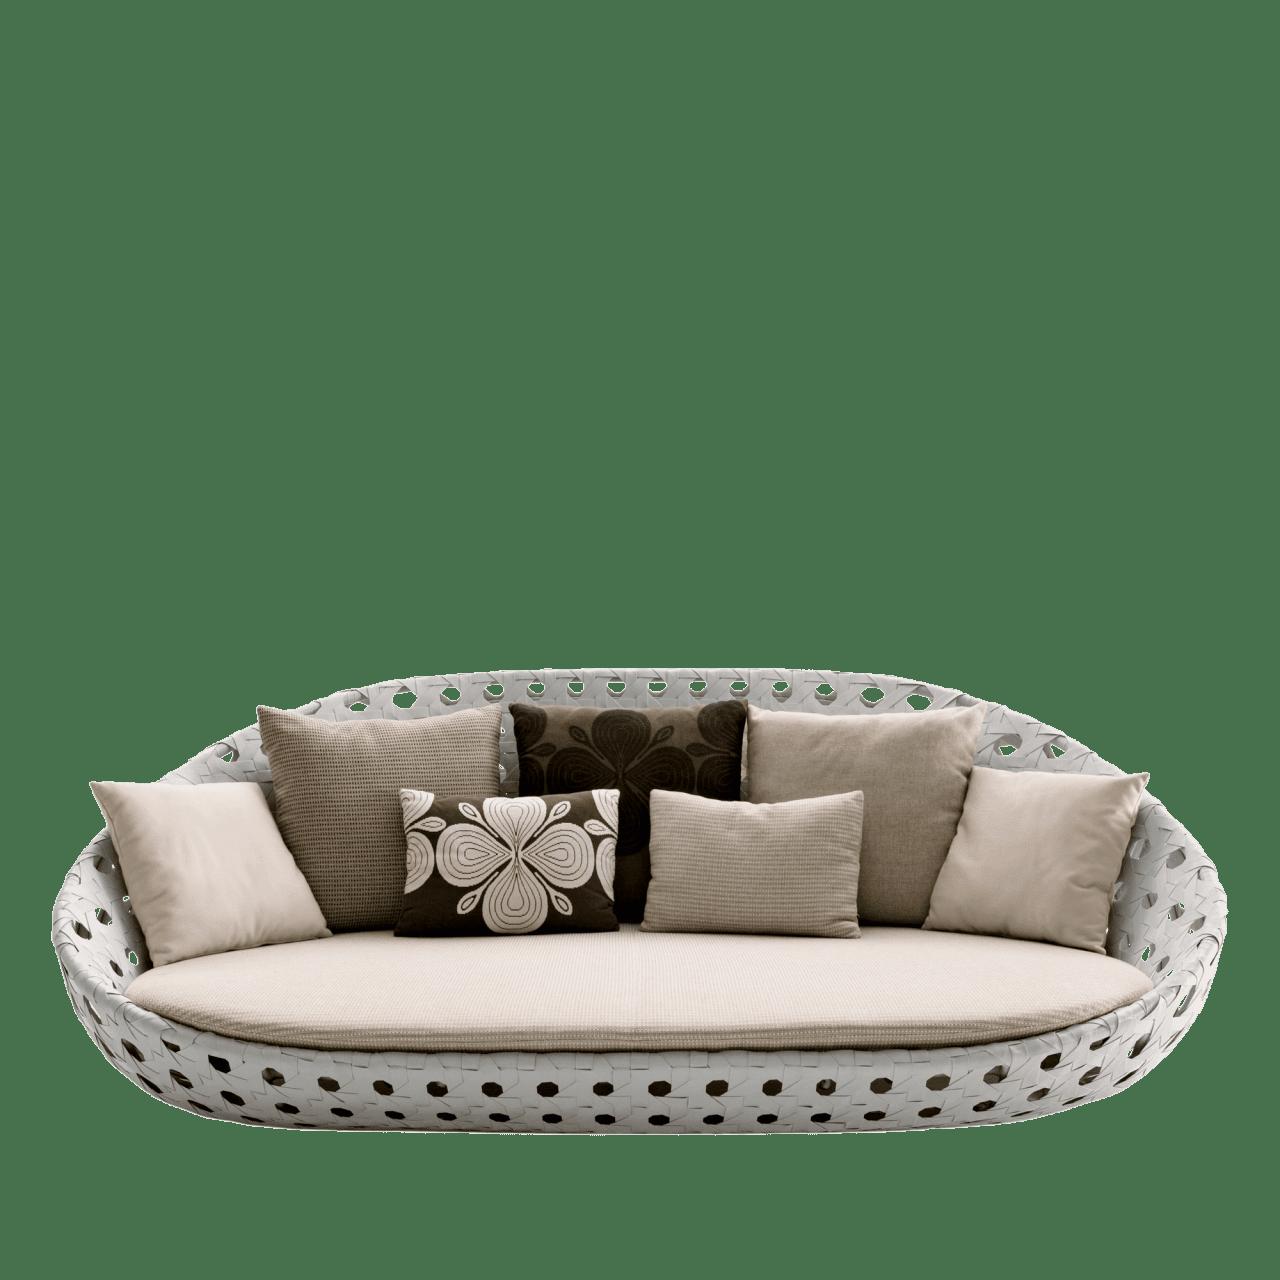 Canasta Sofa